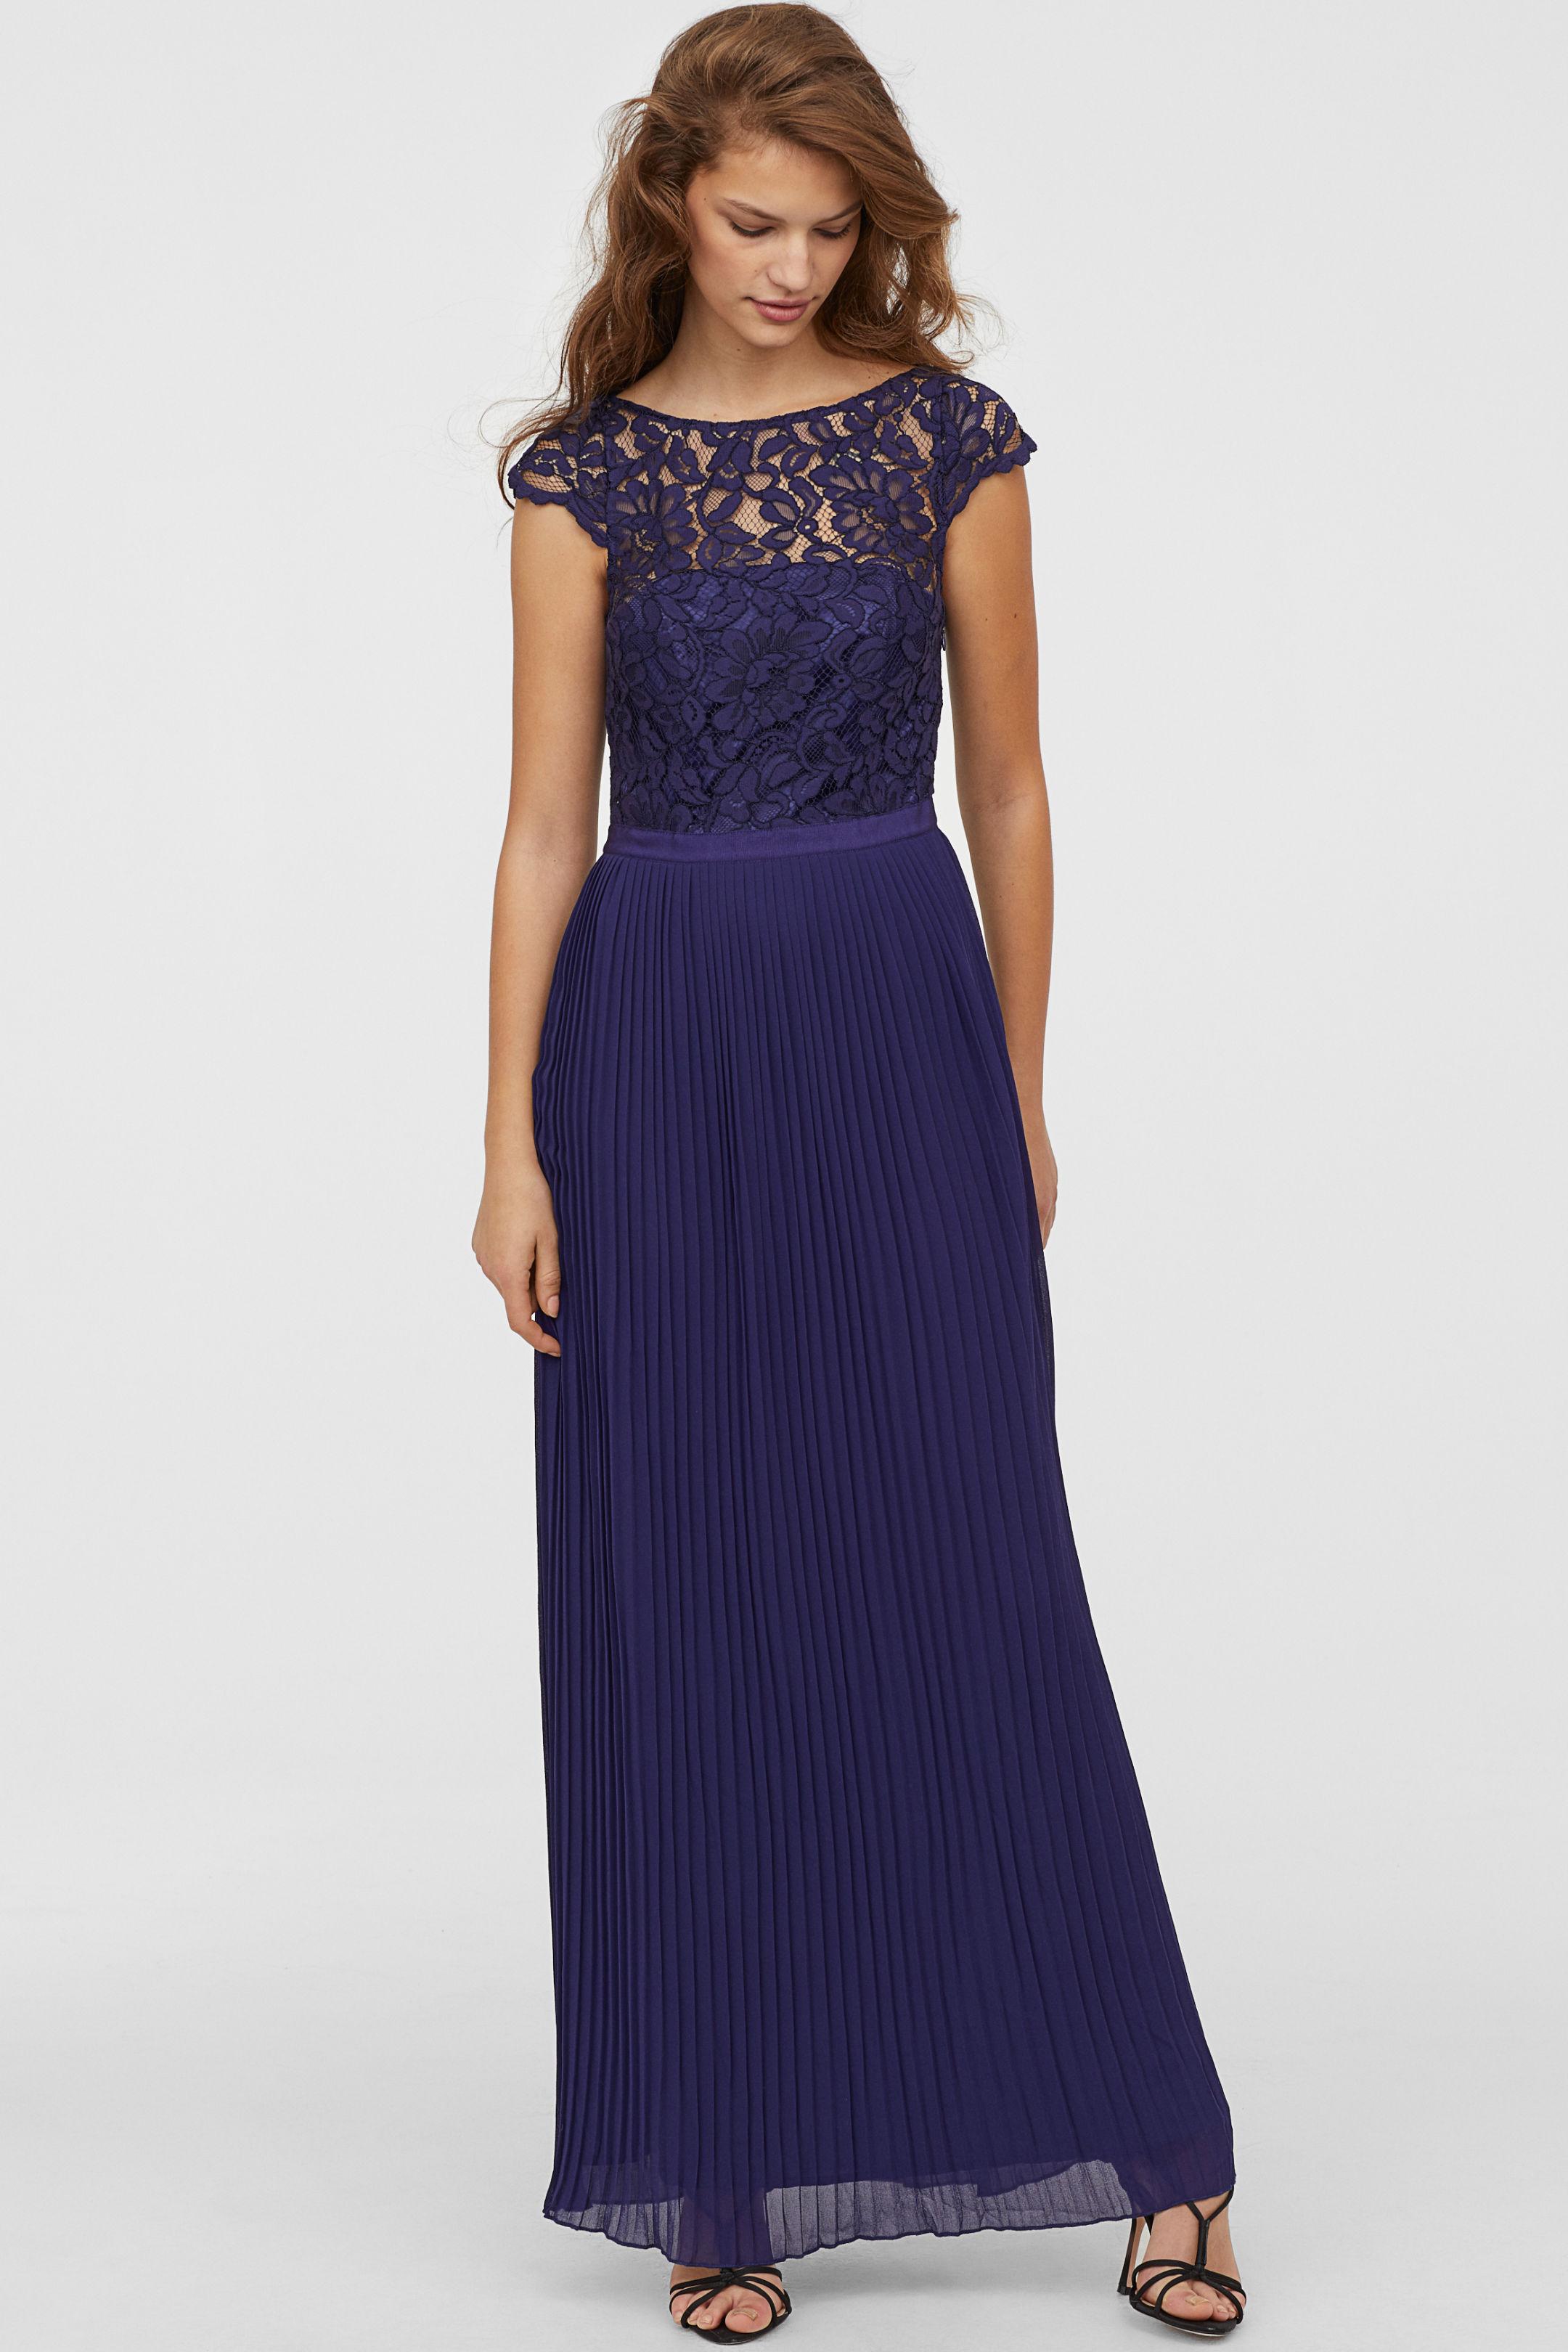 332f8c2707a257 Come vestirsi per un matrimonio in inverno: idee per le invitate ...